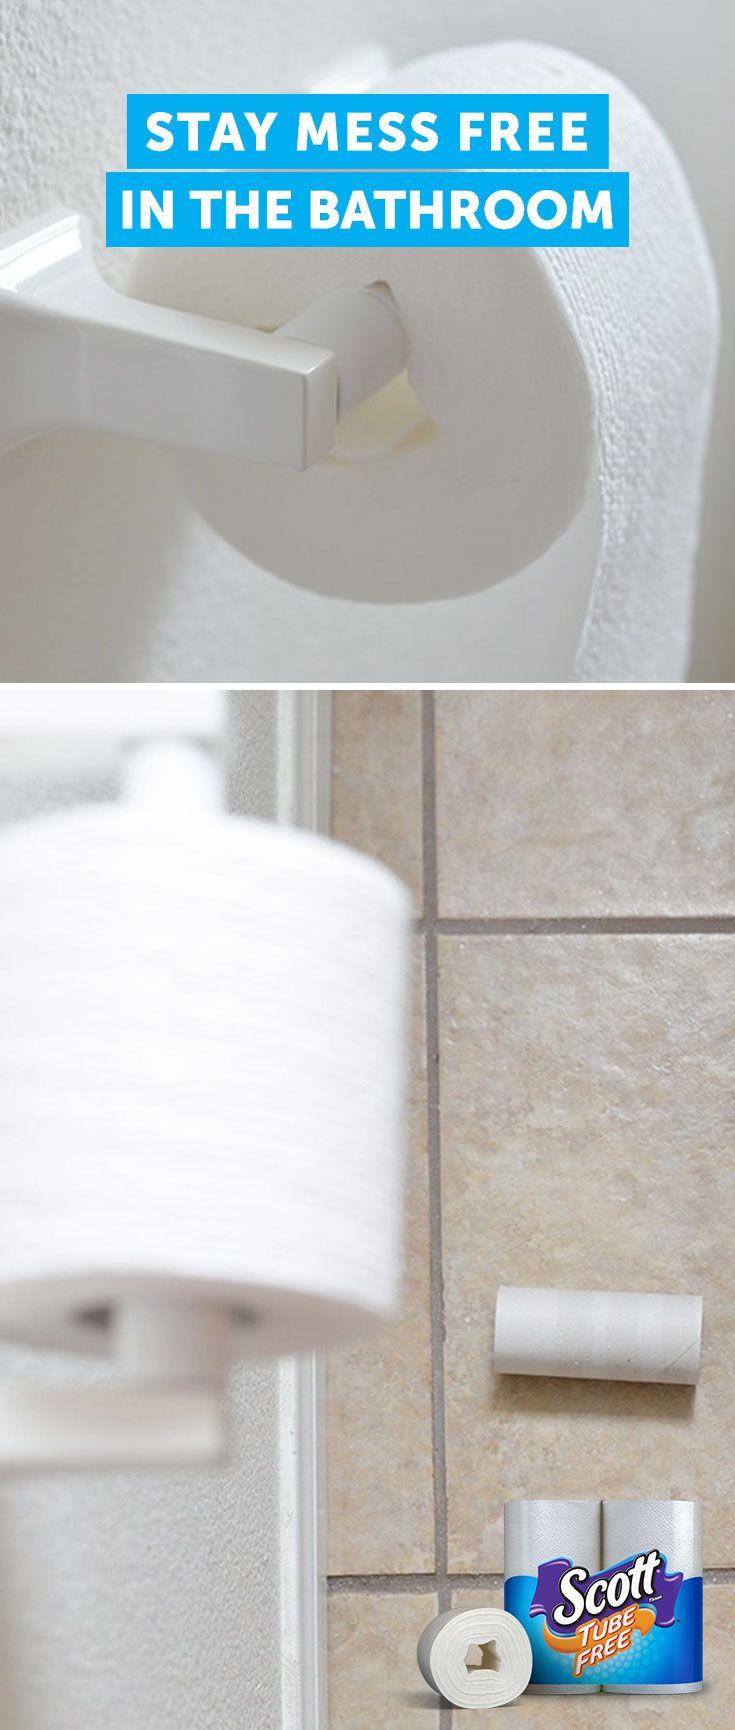 Bathroom Lights Keep Turning Off 21 best clean smarter images on pinterest